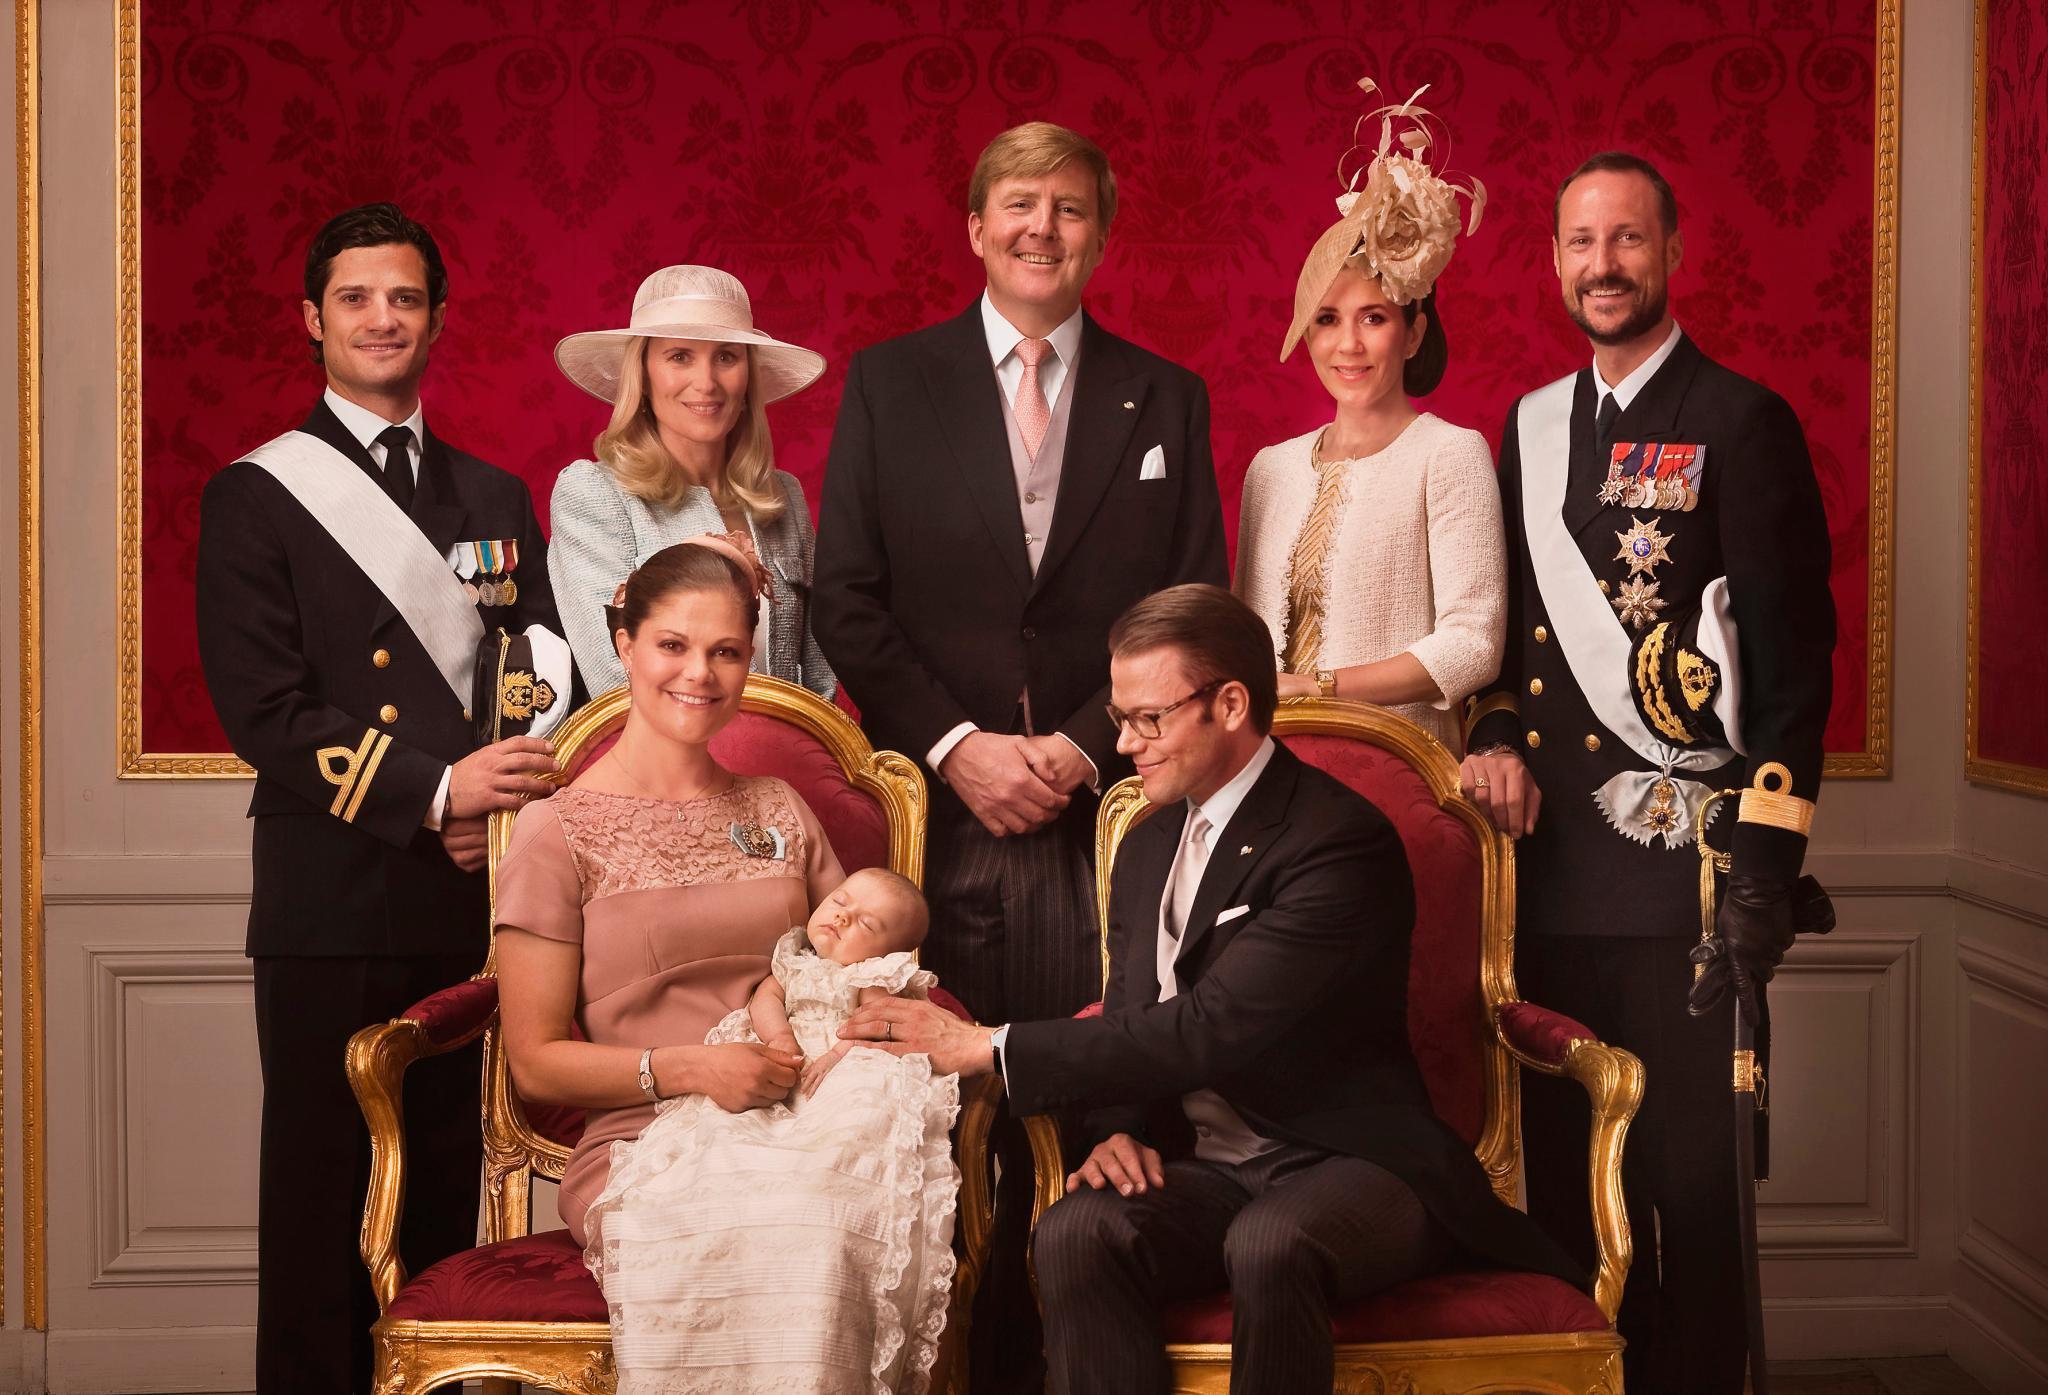 Im Mai 2012 wird Prinzessin Estelle getauft. Als künftige Königin Schwedens erhält die kleine Prinzessin mit Prinzessin Mary von Dänemark, Prinz Haakon von Norwegen und Prinz Willem-Alexander der Niederlande gleich drei royale Paten aus dem Ausland. Hinzu kommt Prinz Carl Philip und Prinz Daniels Schwester, Anna Westling Söderström.